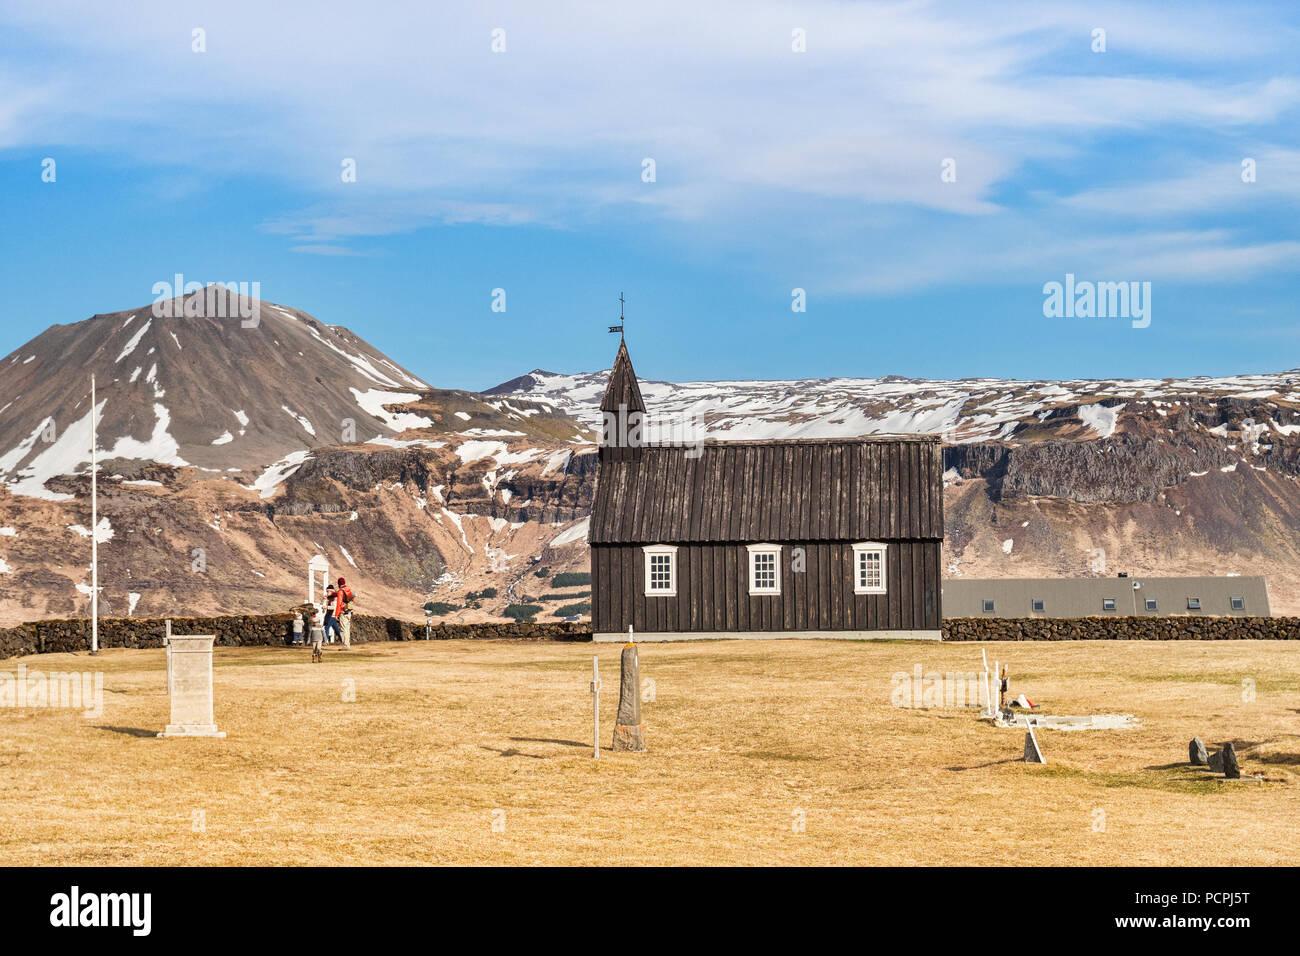 16 Aprile 2018: Budir, Snaefellsnes Peninsula, West Islanda - La piccola chiesa nera e una famiglia di turisti in visita. Immagini Stock